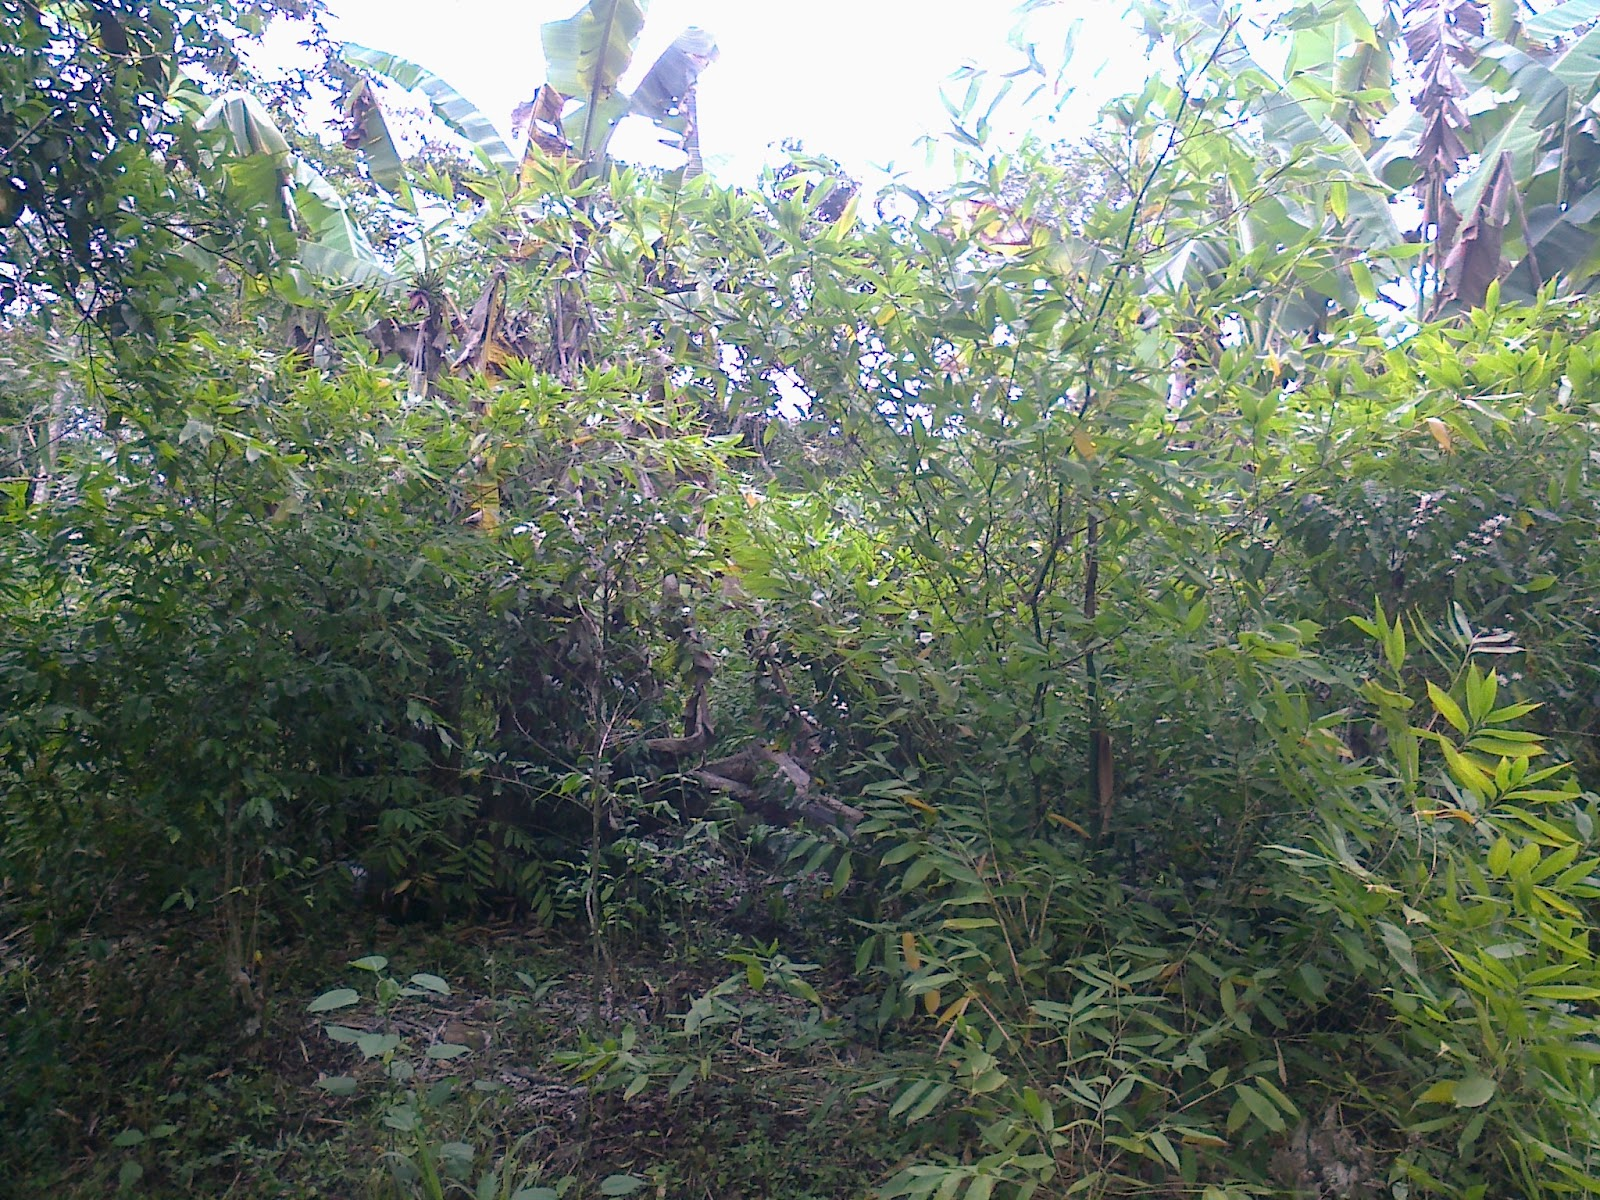 Caf campo y ambiente bamb como cultivo alternativo para rea de cafetales - Cultivo del bambu ...